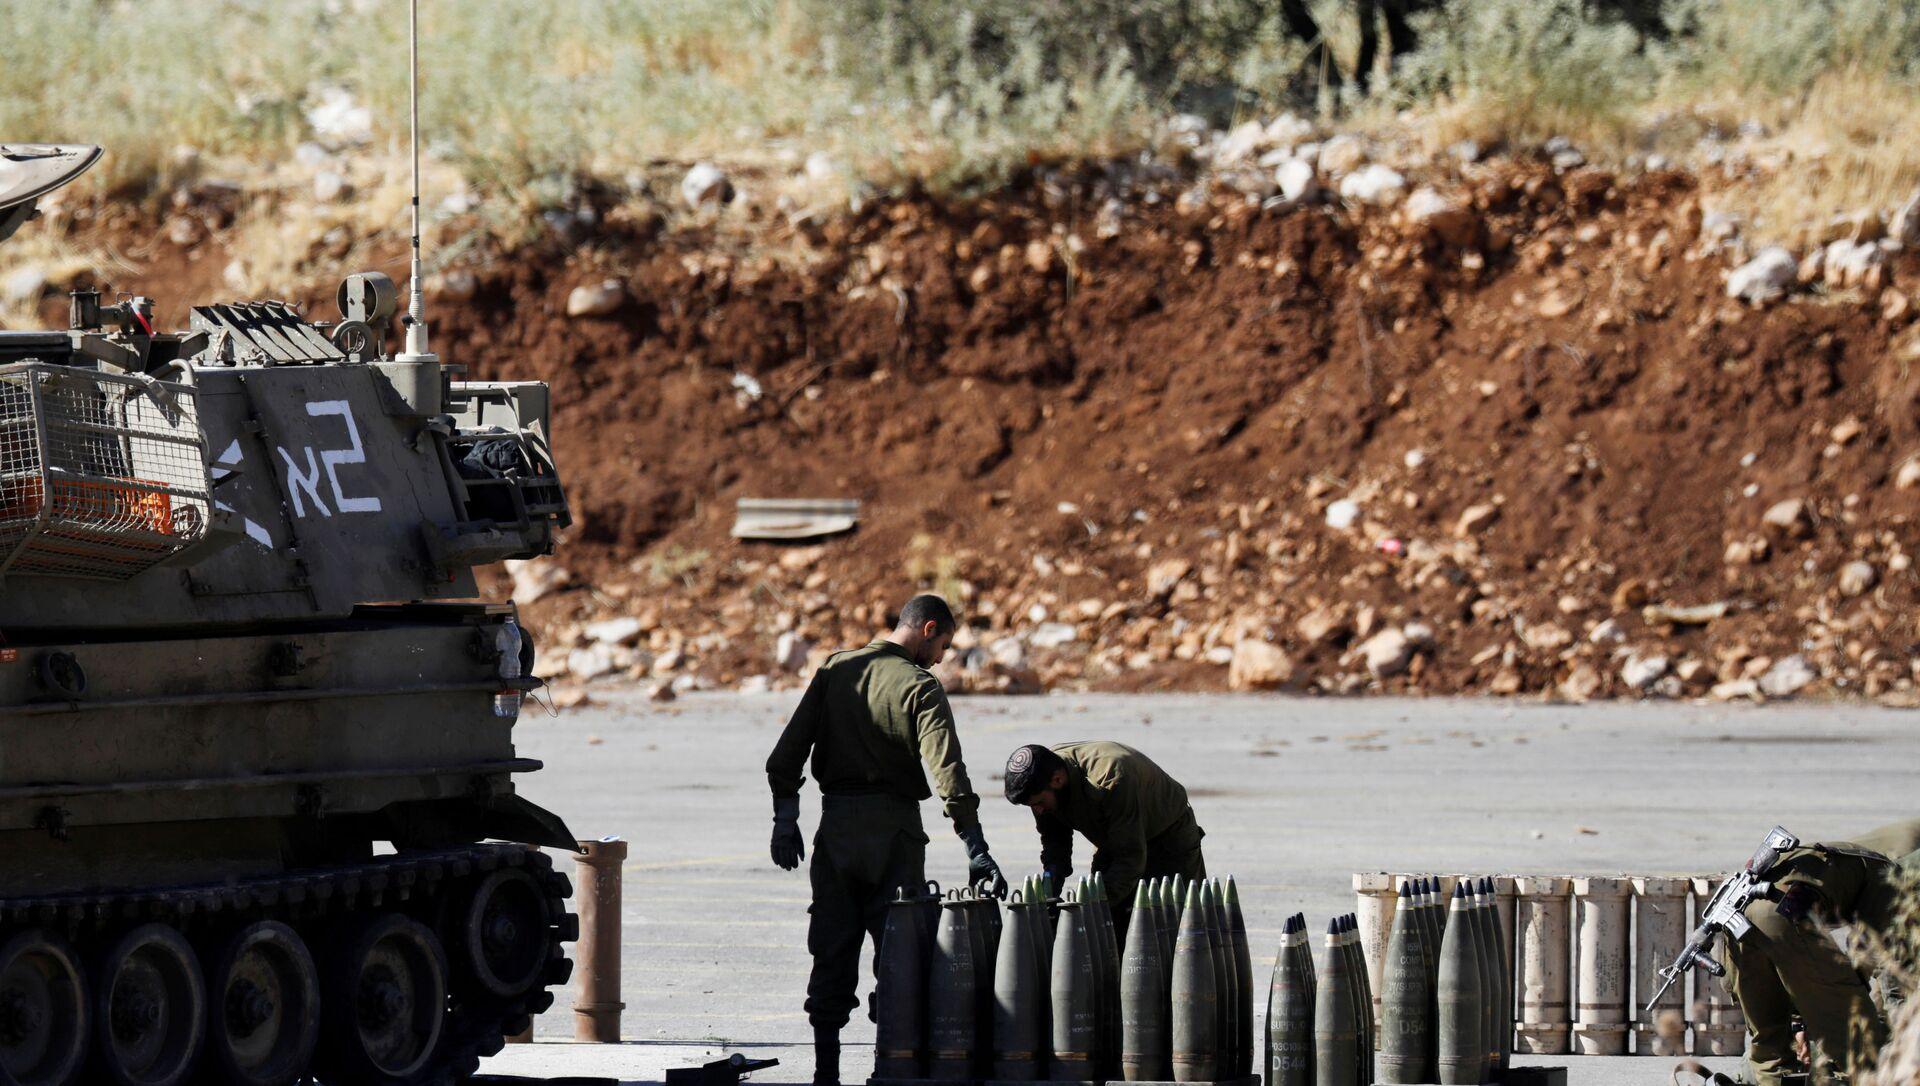 İsrail ordusu, füze, Lübnan sınırı - Sputnik Türkiye, 1920, 22.04.2021